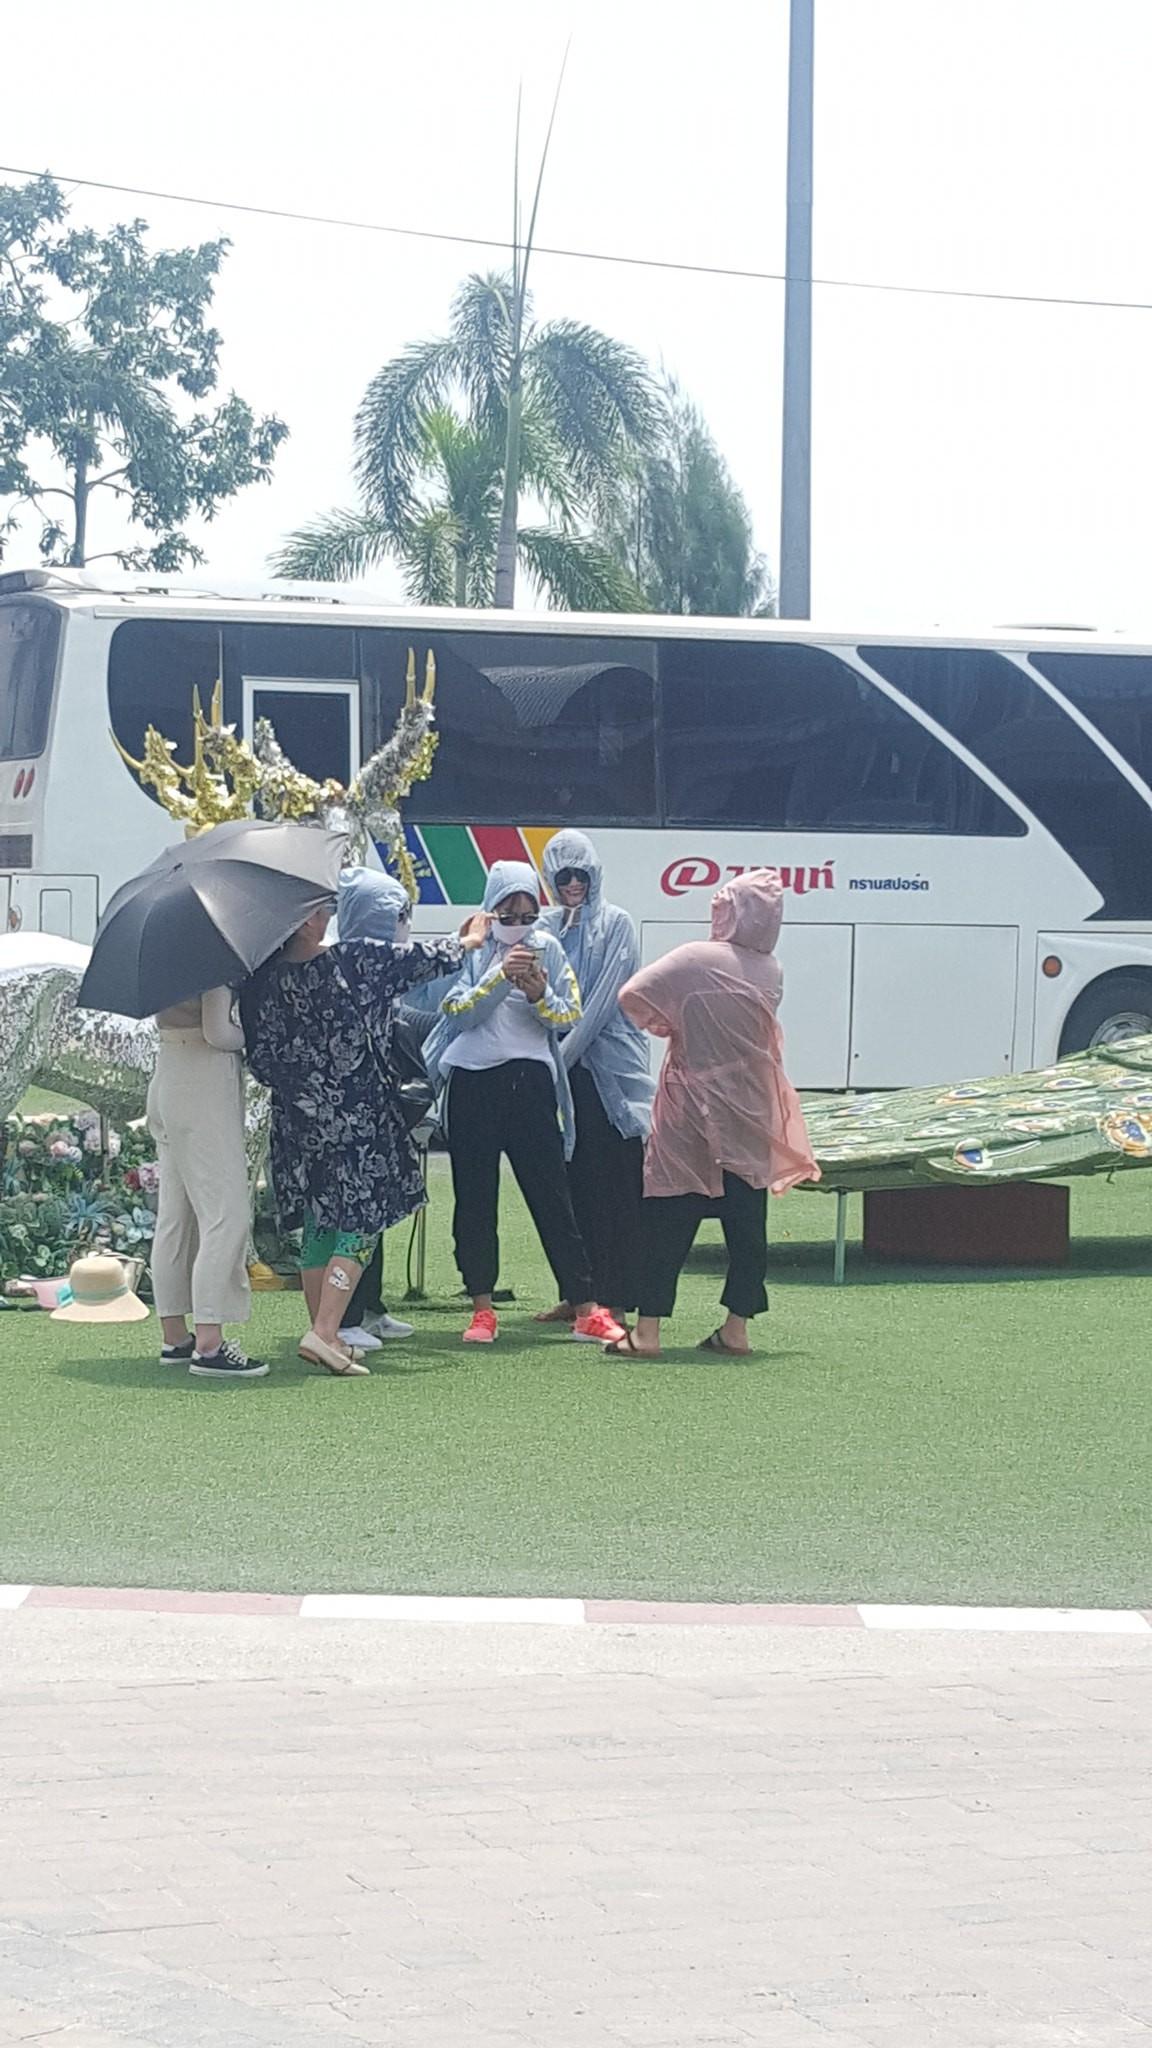 Nhóm chị em đi du lịch vẫn mặc như ninja để chụp hình, vừa có ảnh lưu niệm lại giữ gìn được làn da - Ảnh 1.